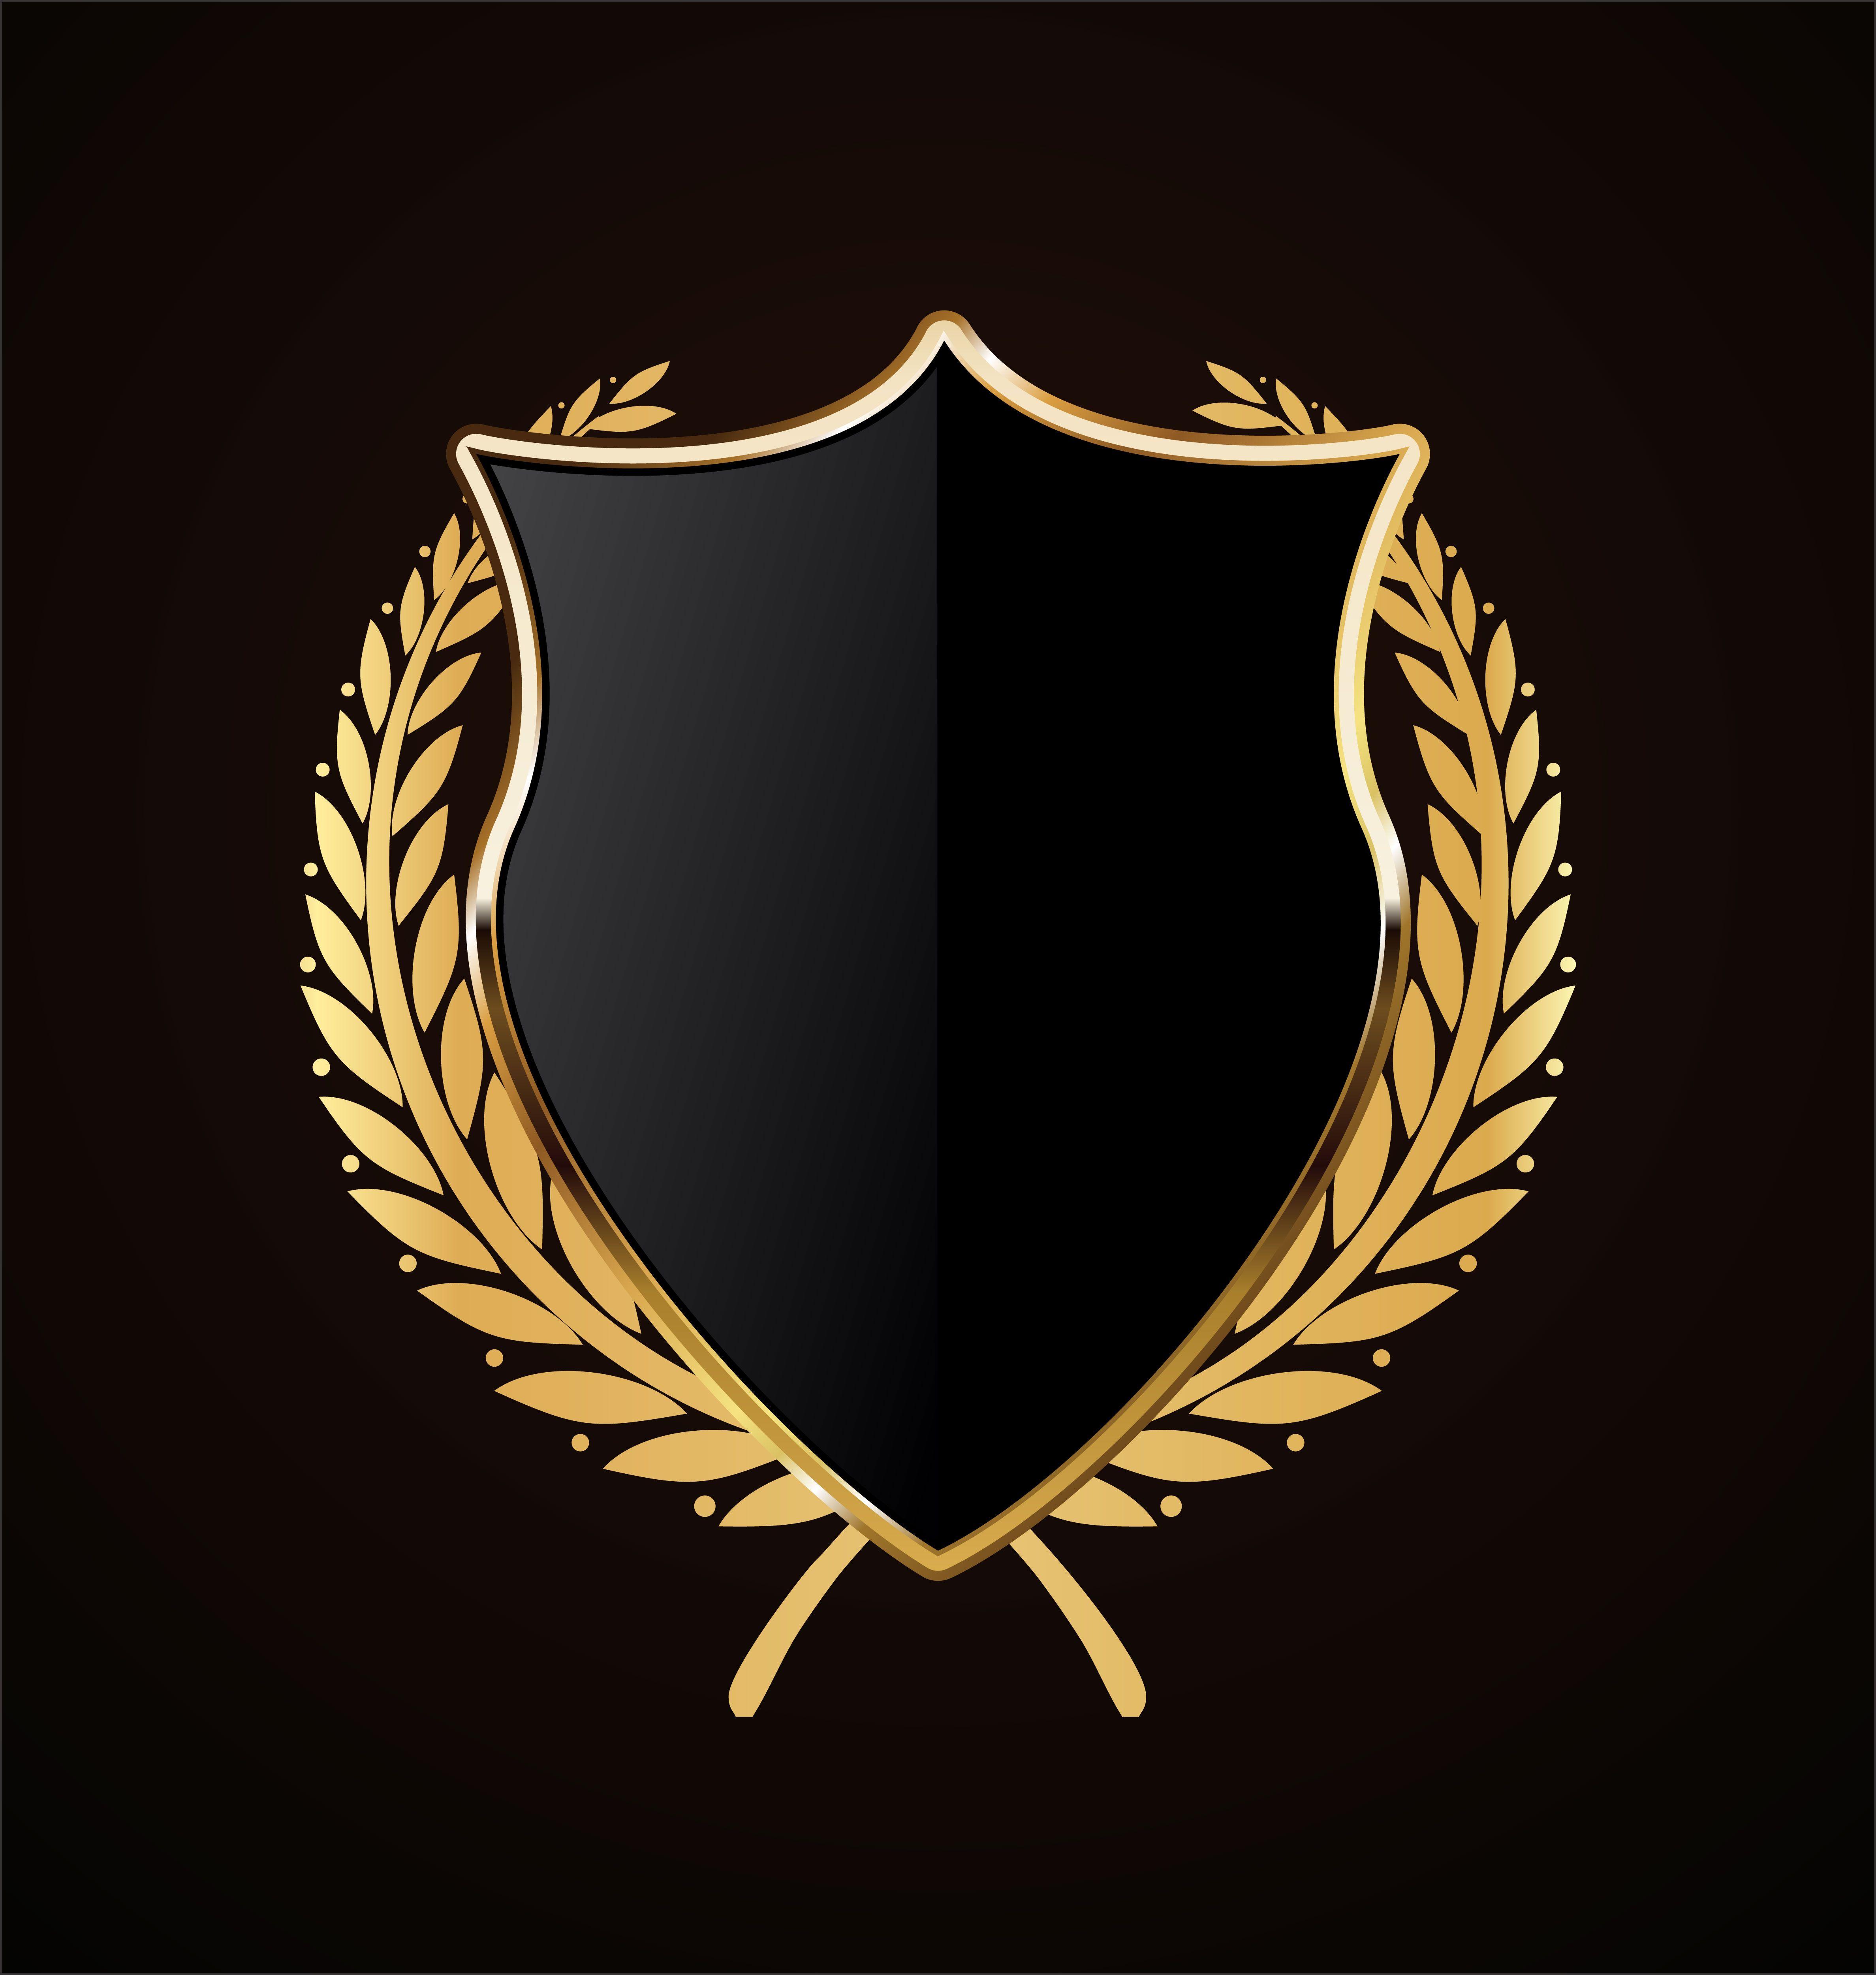 diseño retro escudo dorado Logotipo artístico, Logotipos